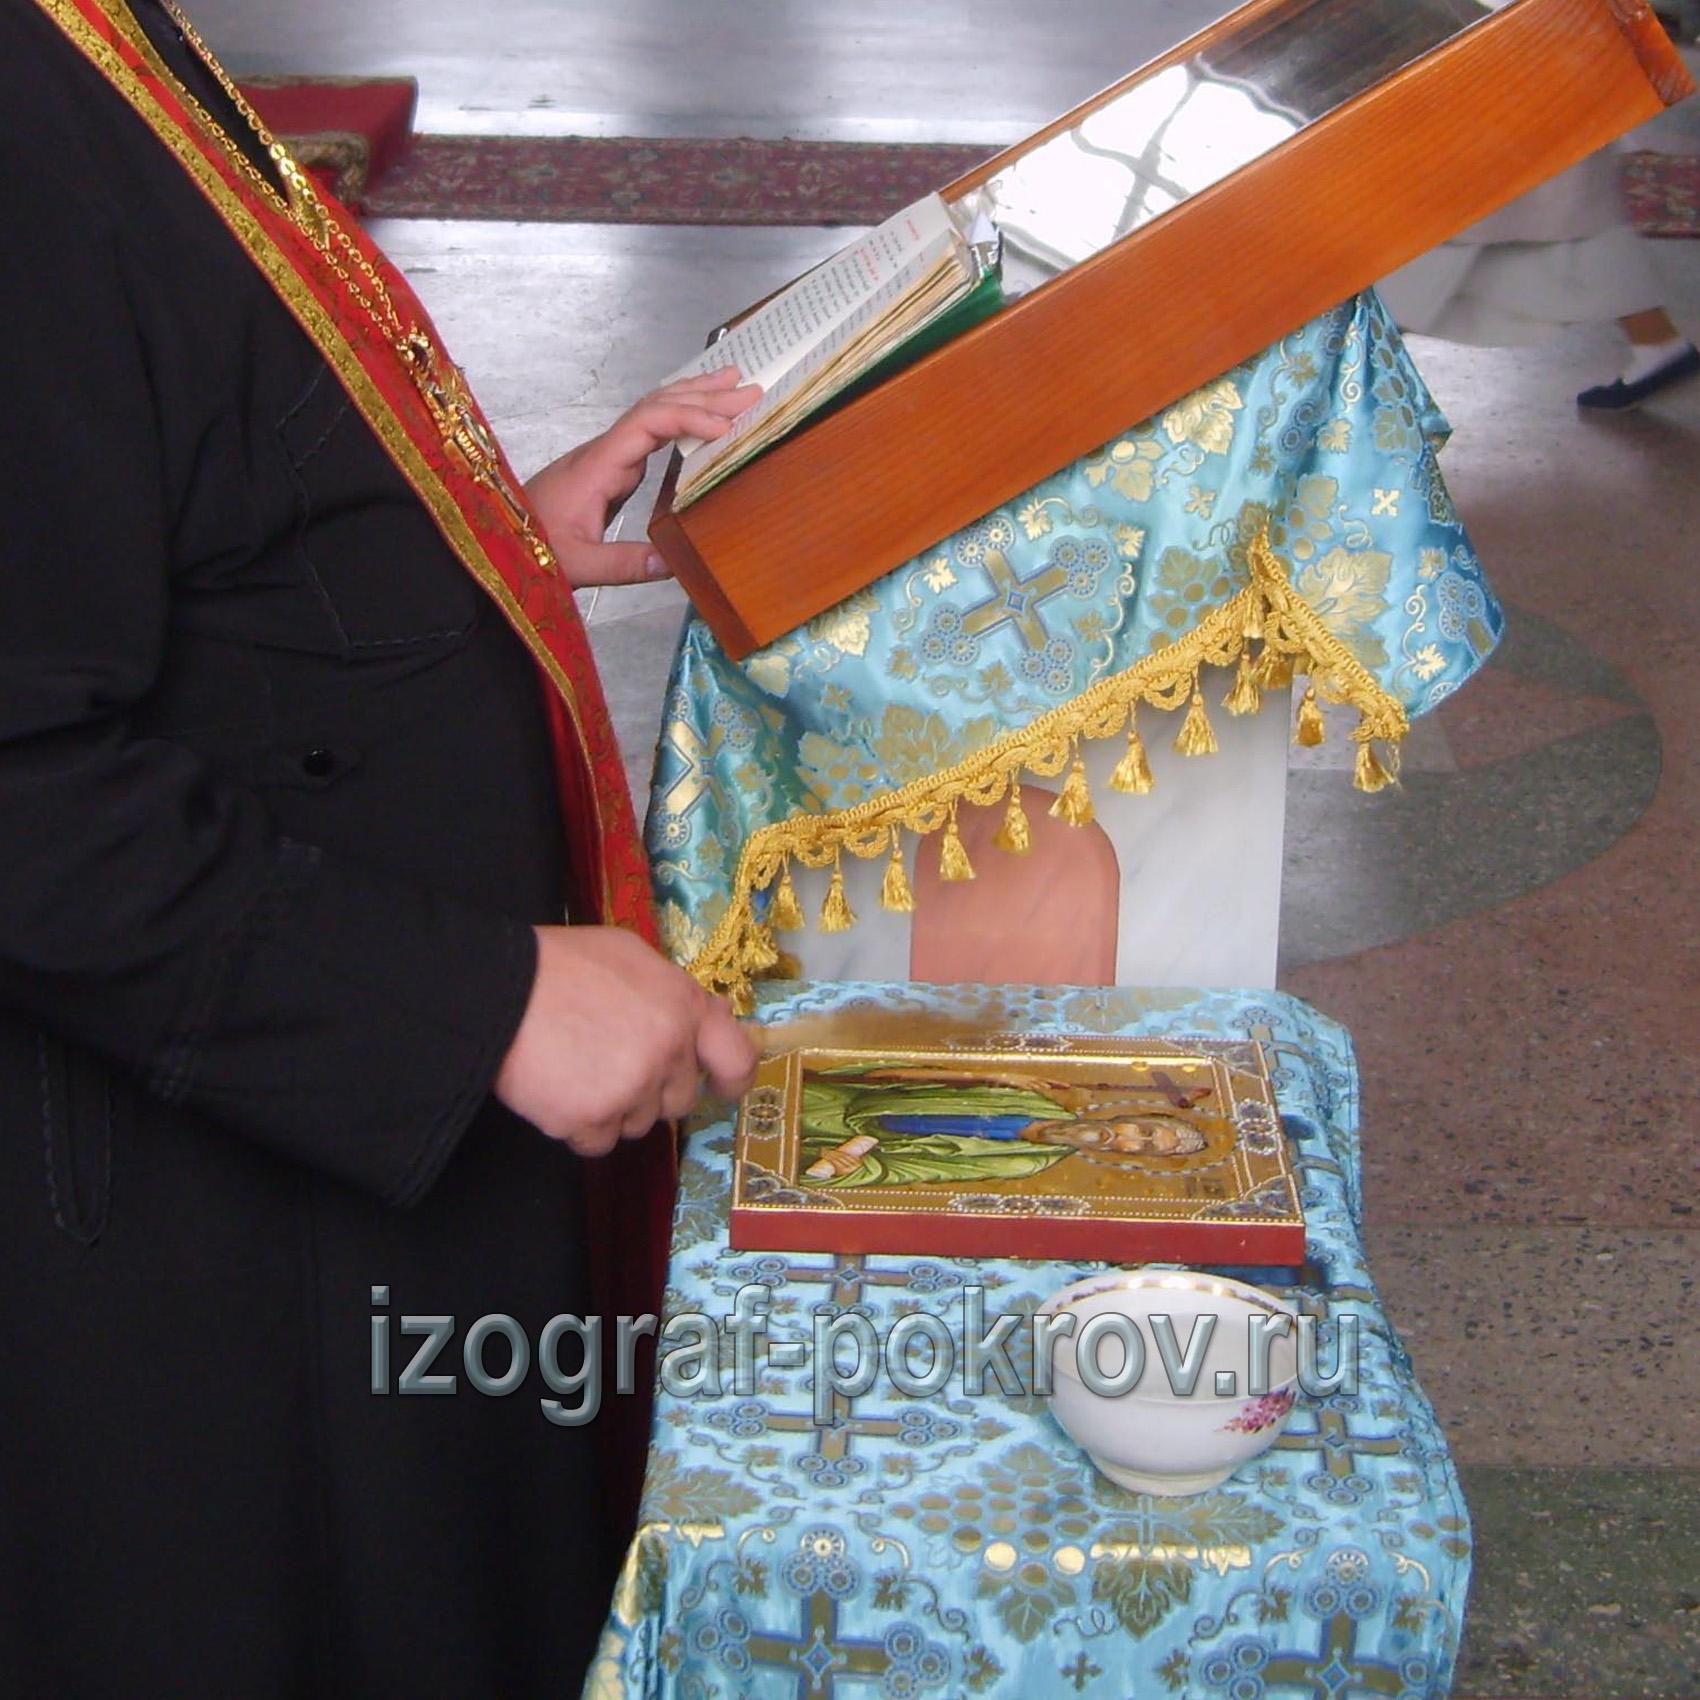 Готовая икона Андрей Первозванный освящается в храме Покрова Пресвятой Богородицы